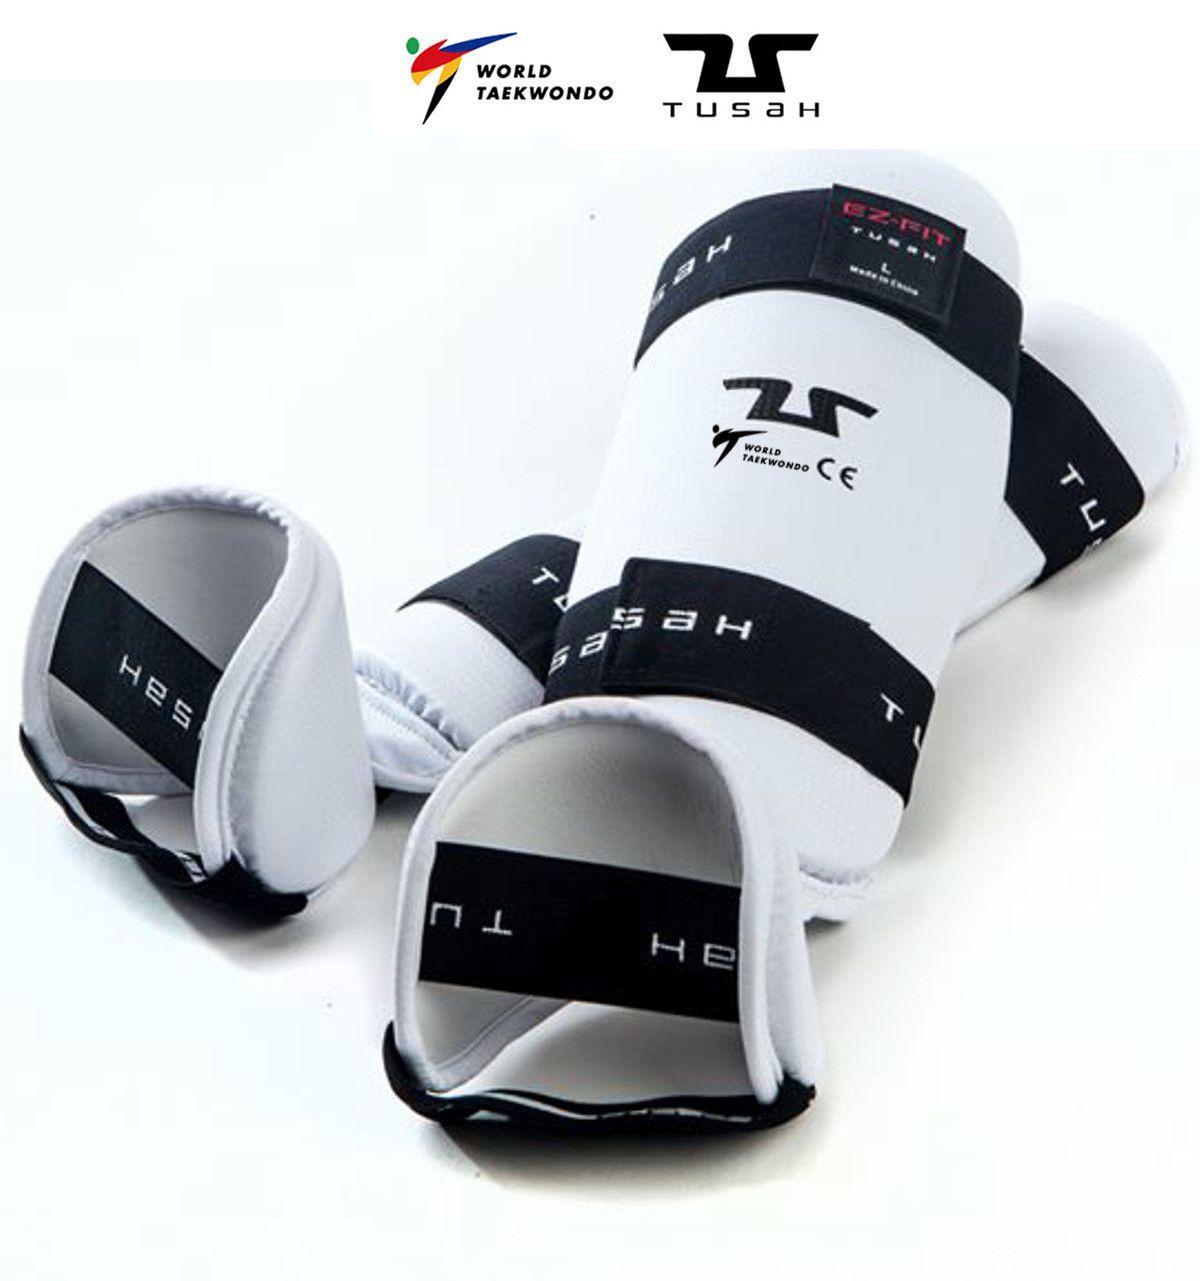 Tusah - Paratibia con piede Removibile per Taekwondo Omologato WT